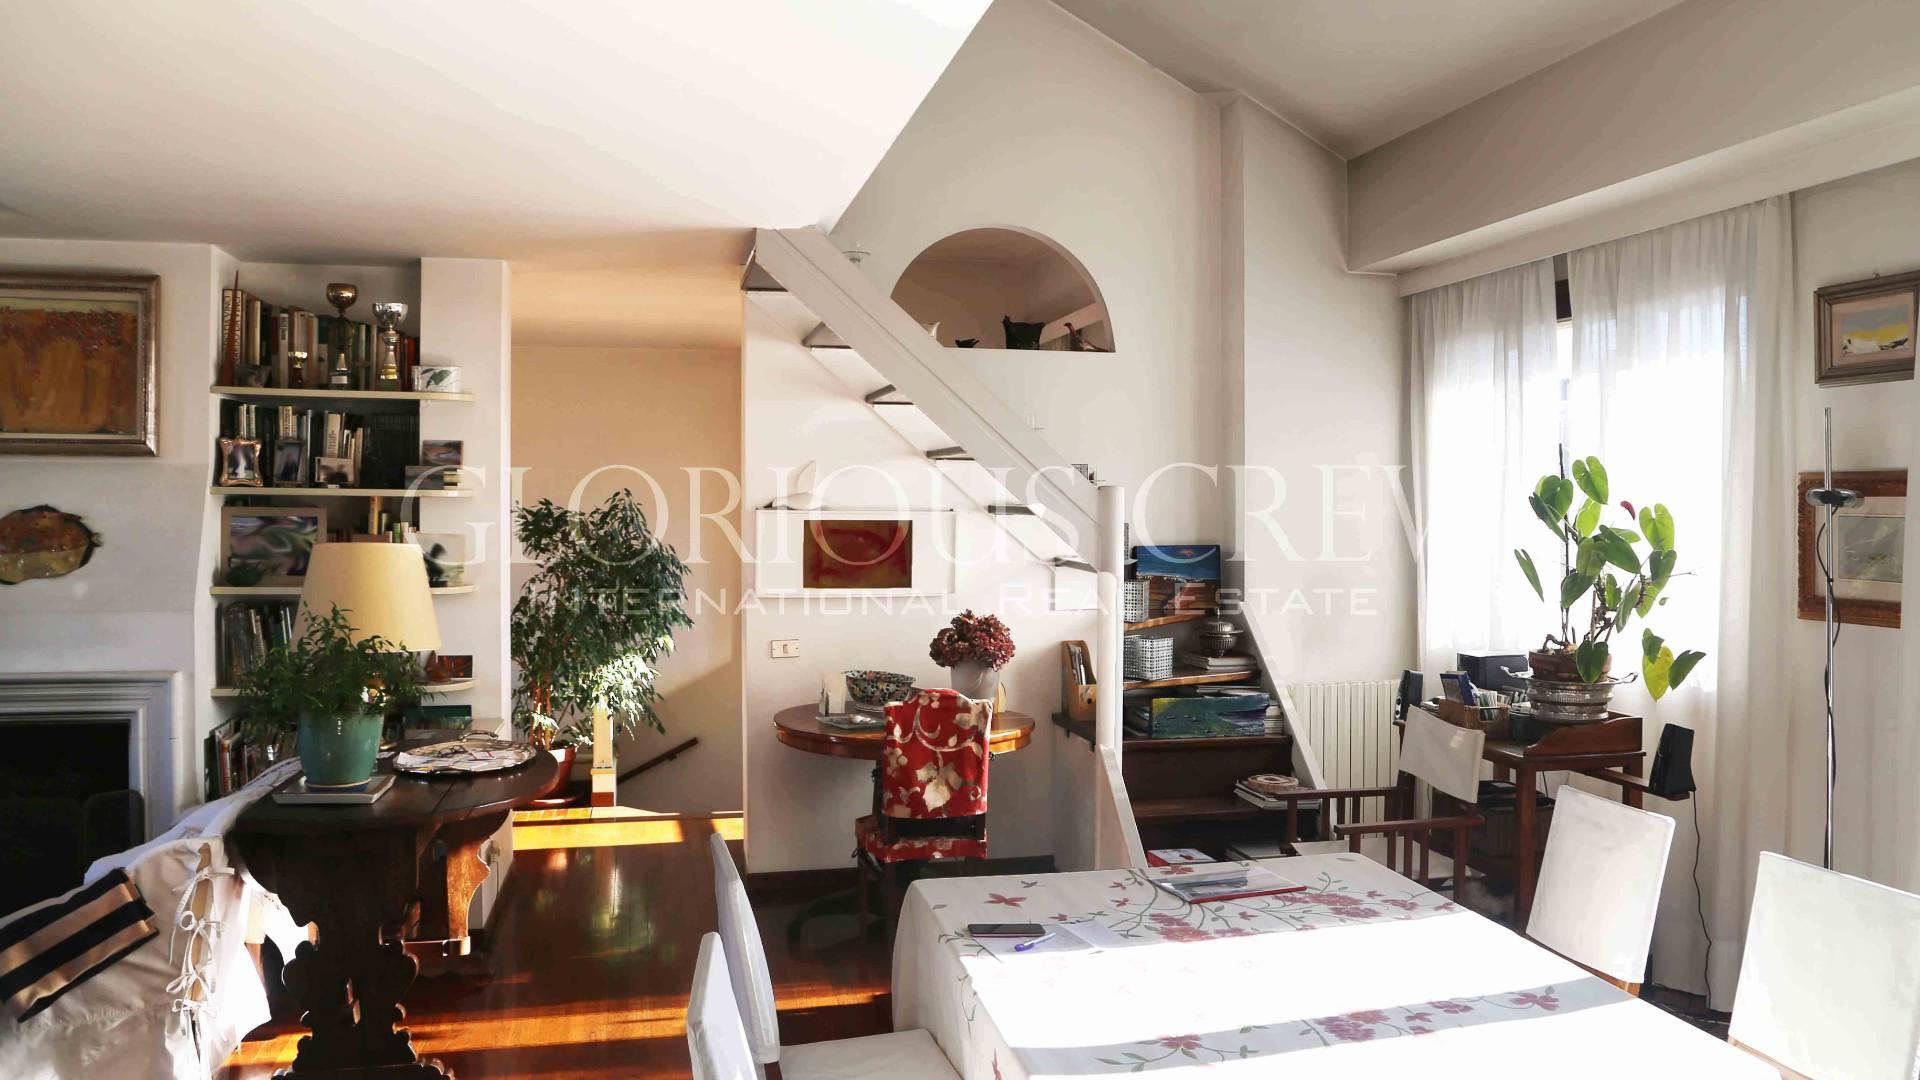 Appartamento in Vendita a Busto Arsizio Centro: 5 locali, 192 mq